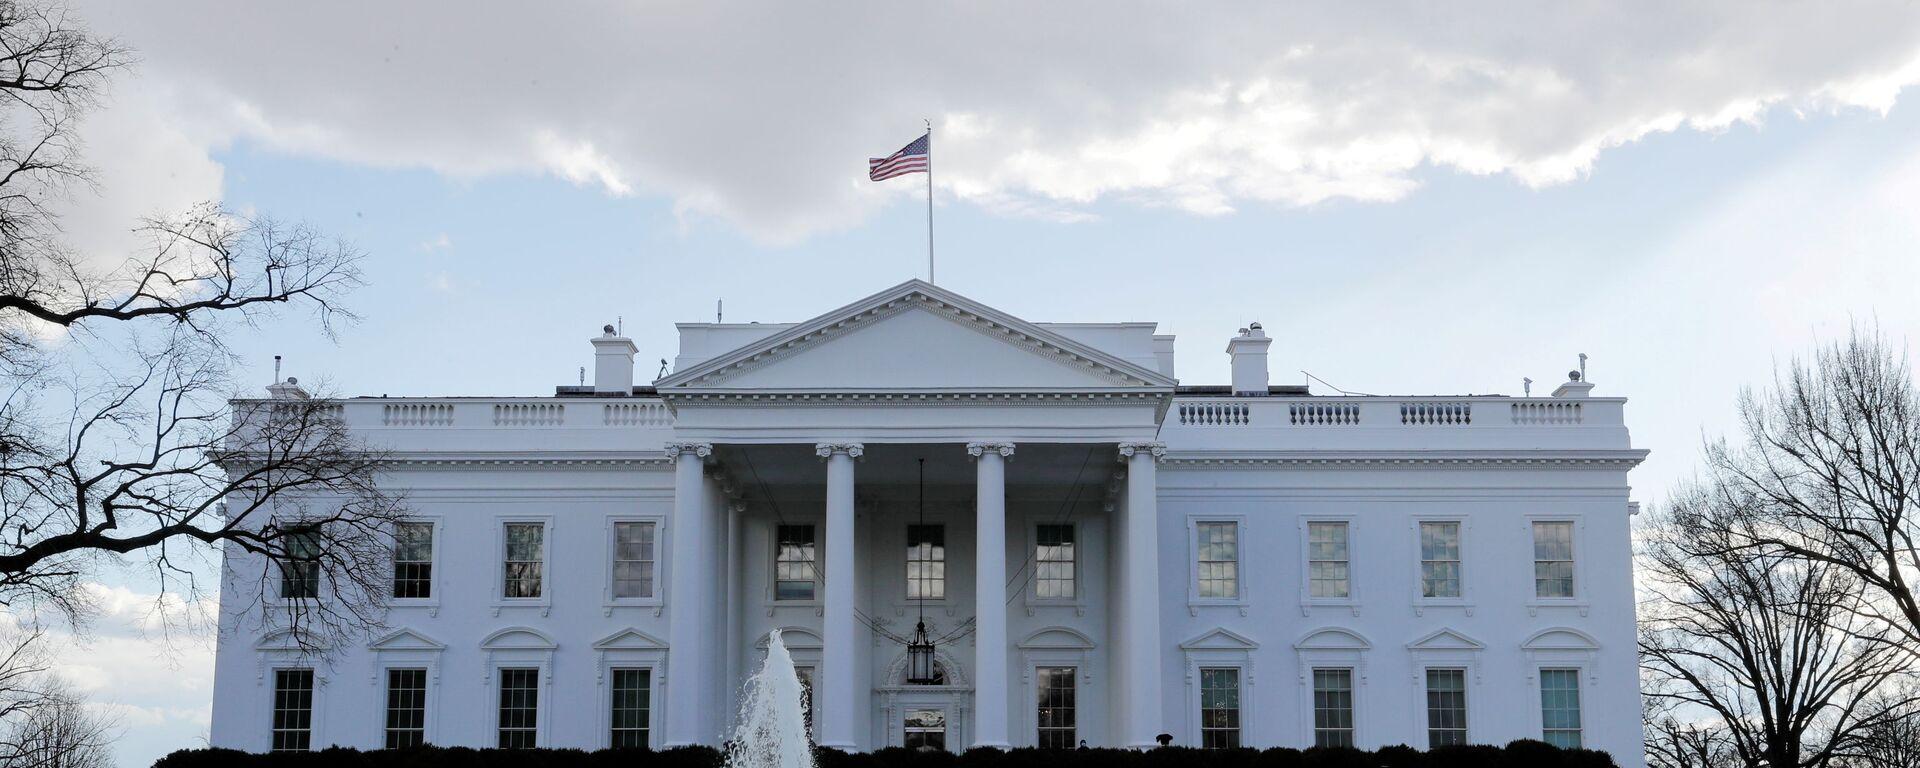 Бела кућа у Вашингтону - Sputnik Србија, 1920, 25.05.2021